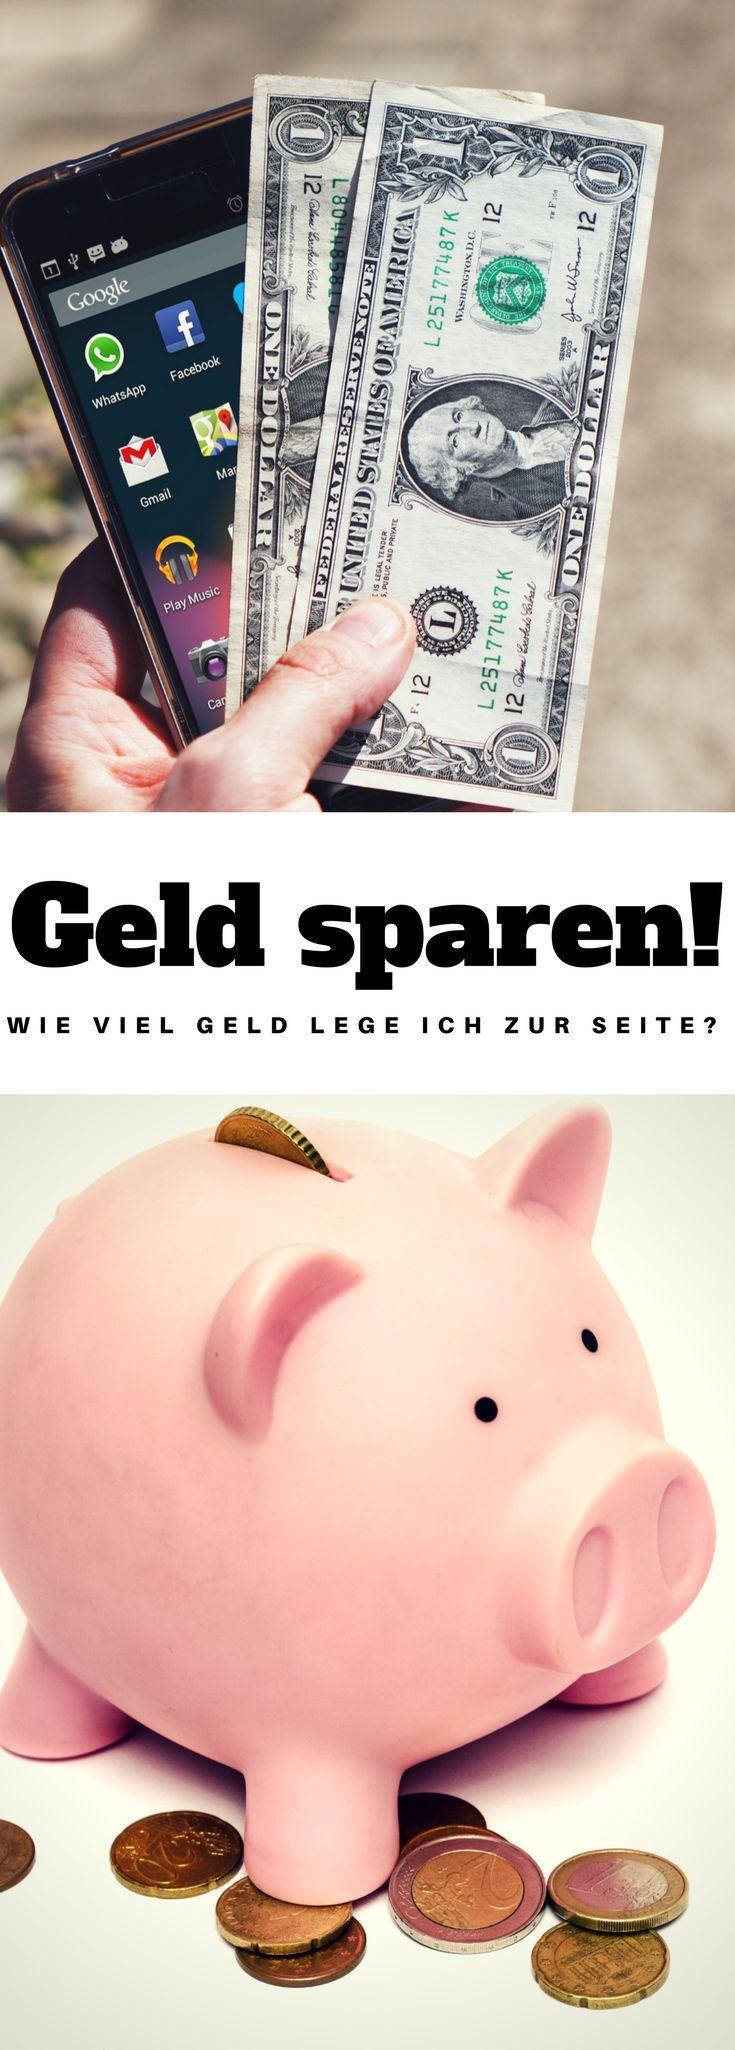 Geld Sparen - Wie viel Geld lege ich zur Seite? für später ...